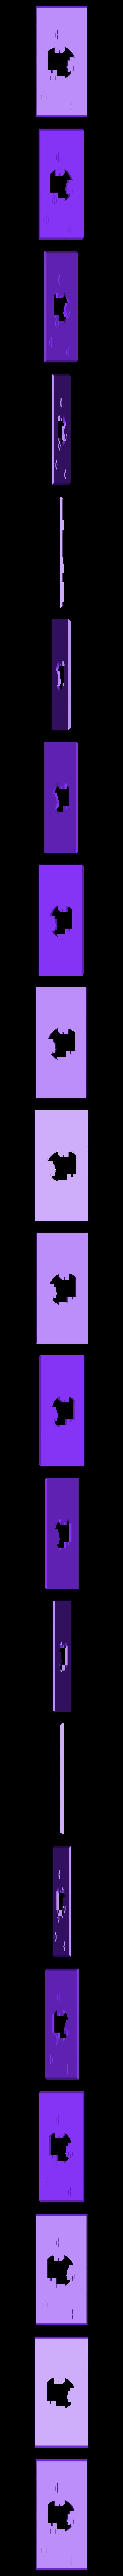 sml_rm_fr1.stl Télécharger fichier STL gratuit Ripper's London - Les égouts • Design pour imprimante 3D, Earsling